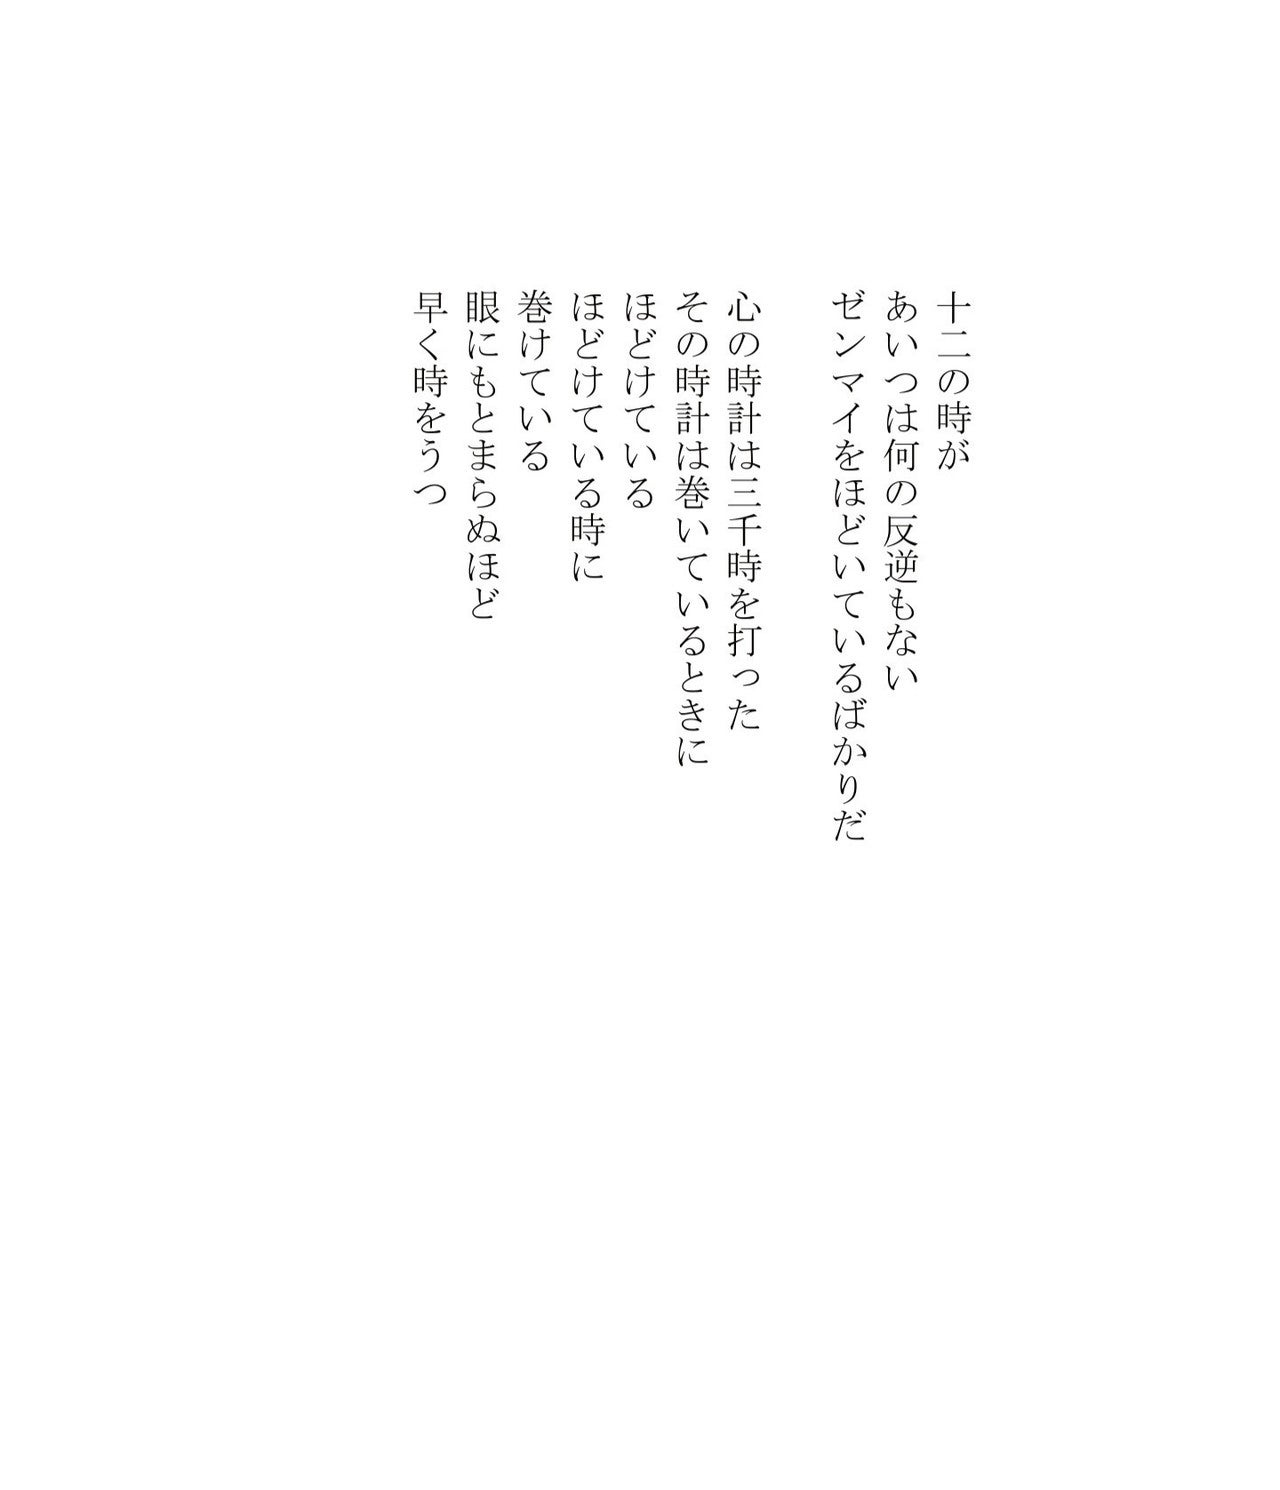 反逆 の 詩